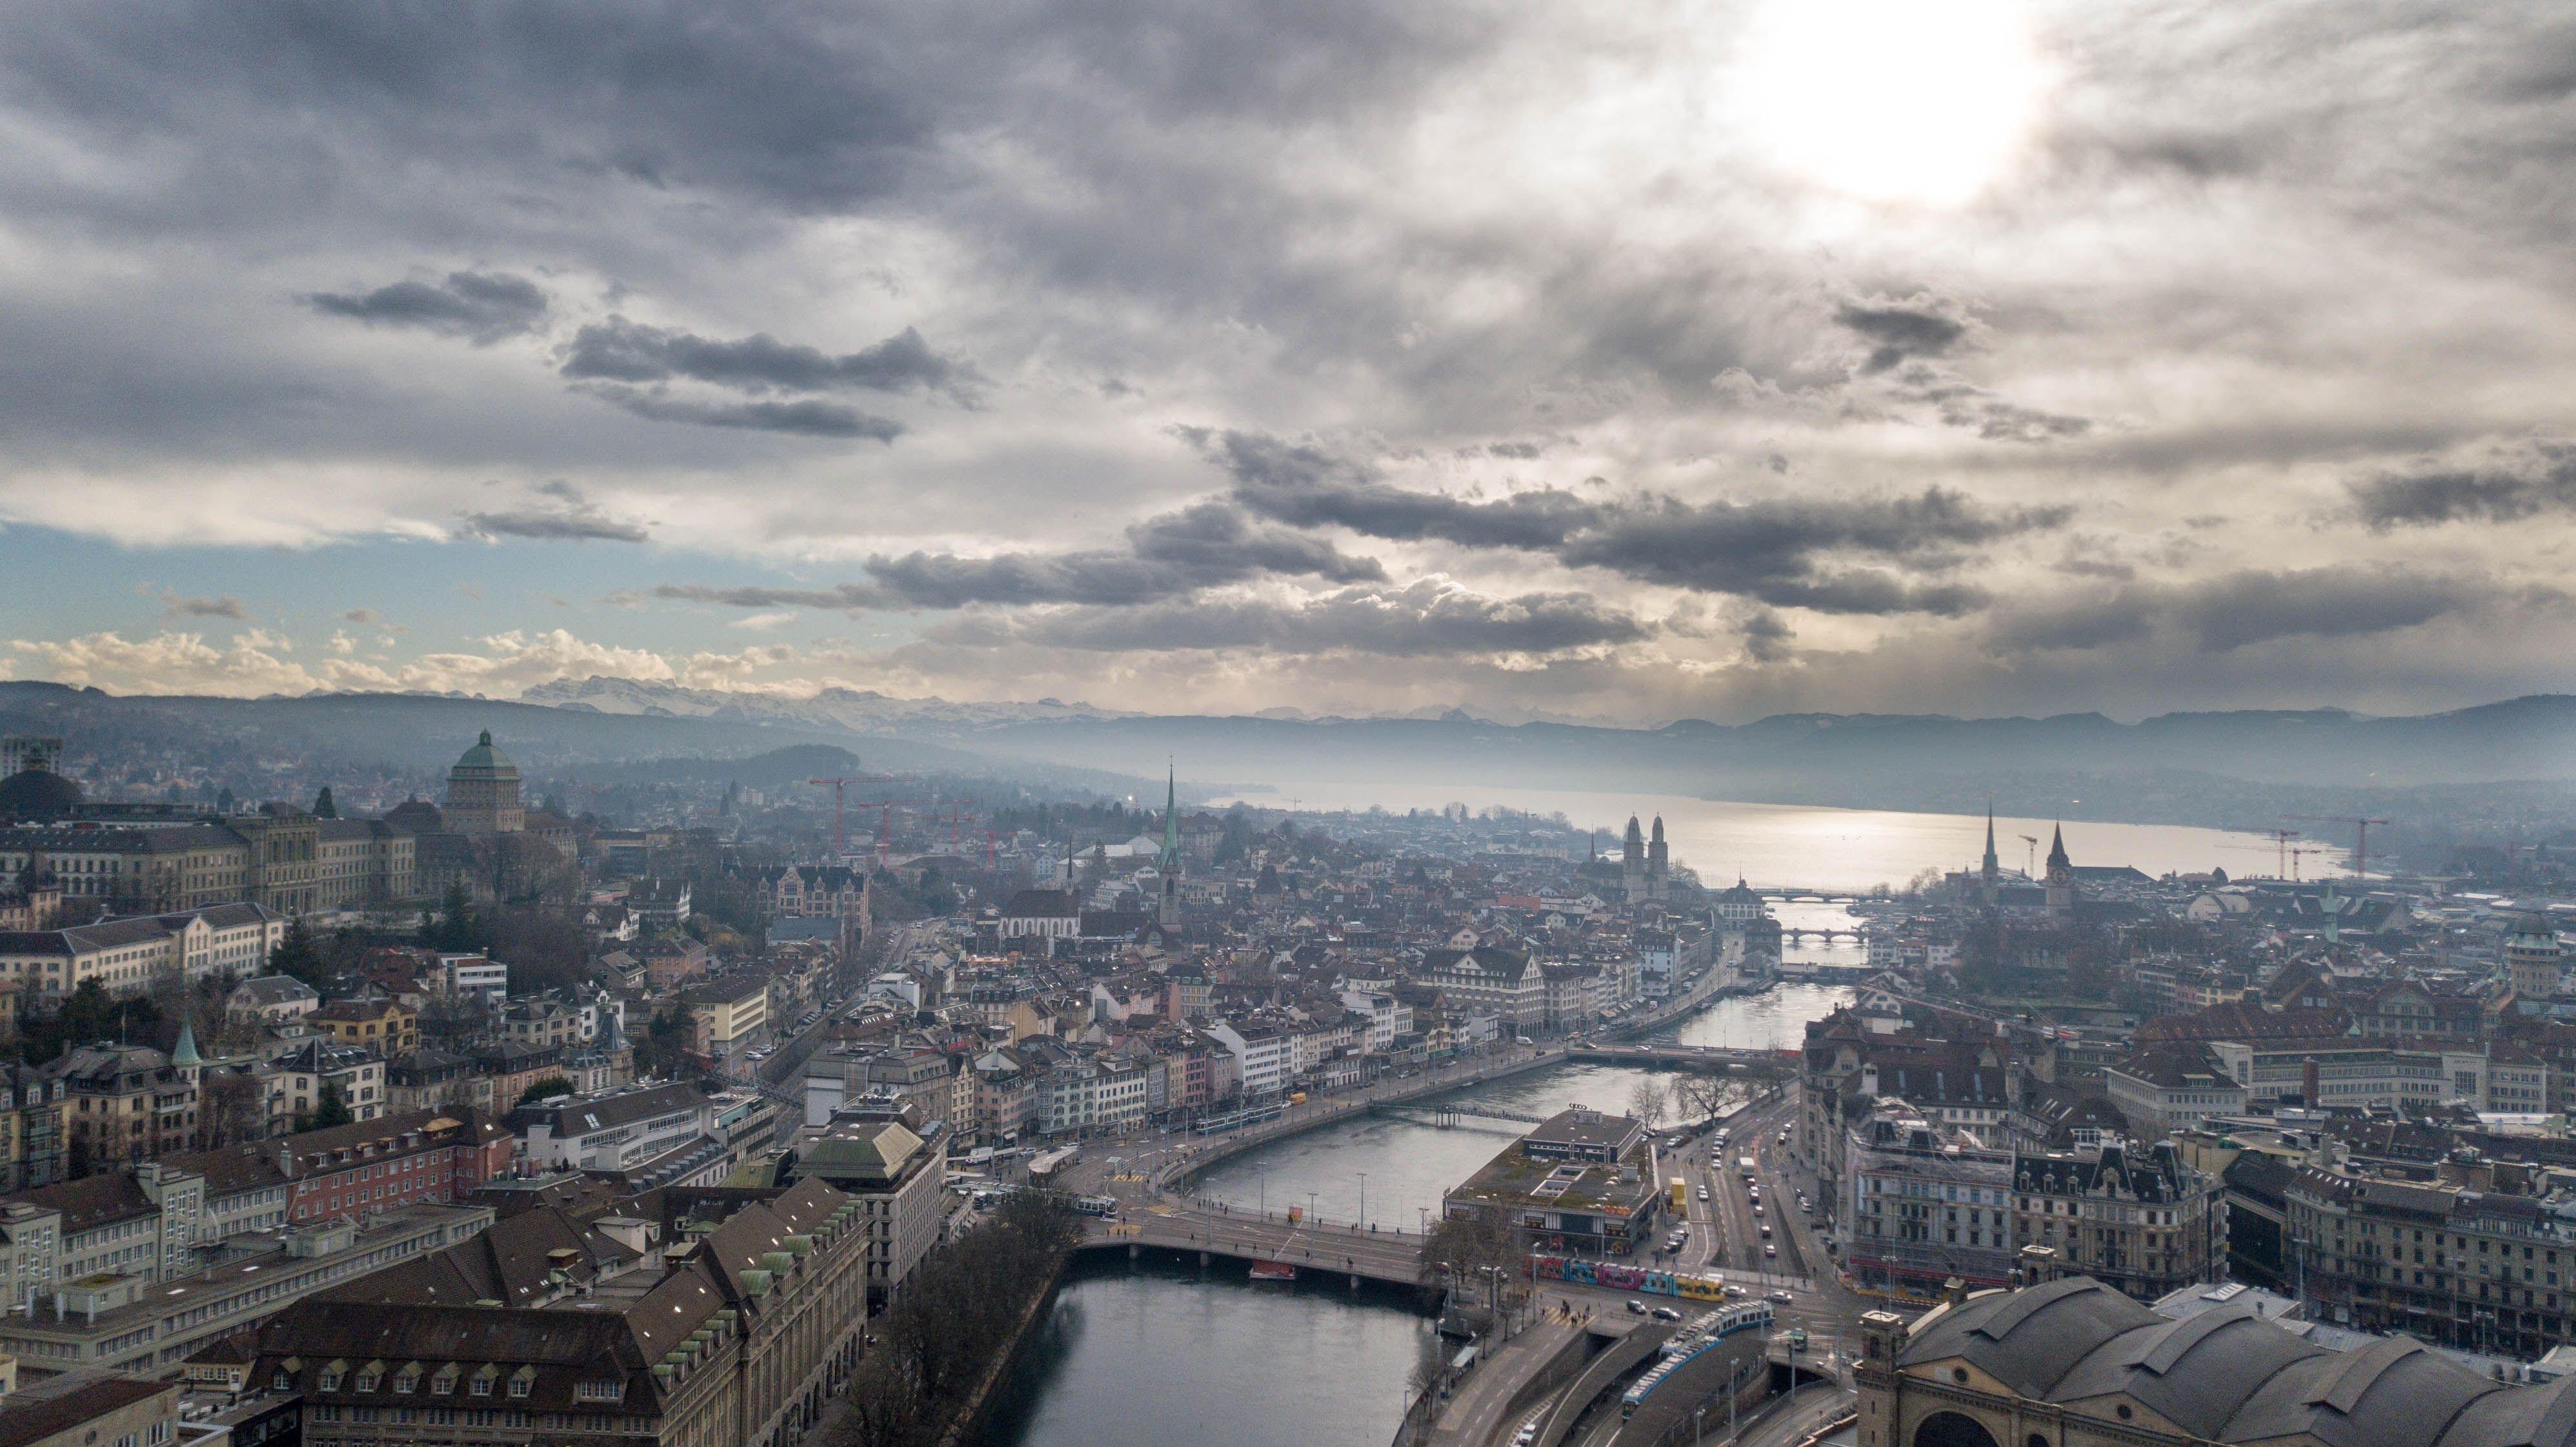 Zurich Stadt City See Brucke Haus Mieten Wohnen Kaufen Leben Geniessen Einrichten Suchen Zurich Stadt Zurich Wohnung Mieten